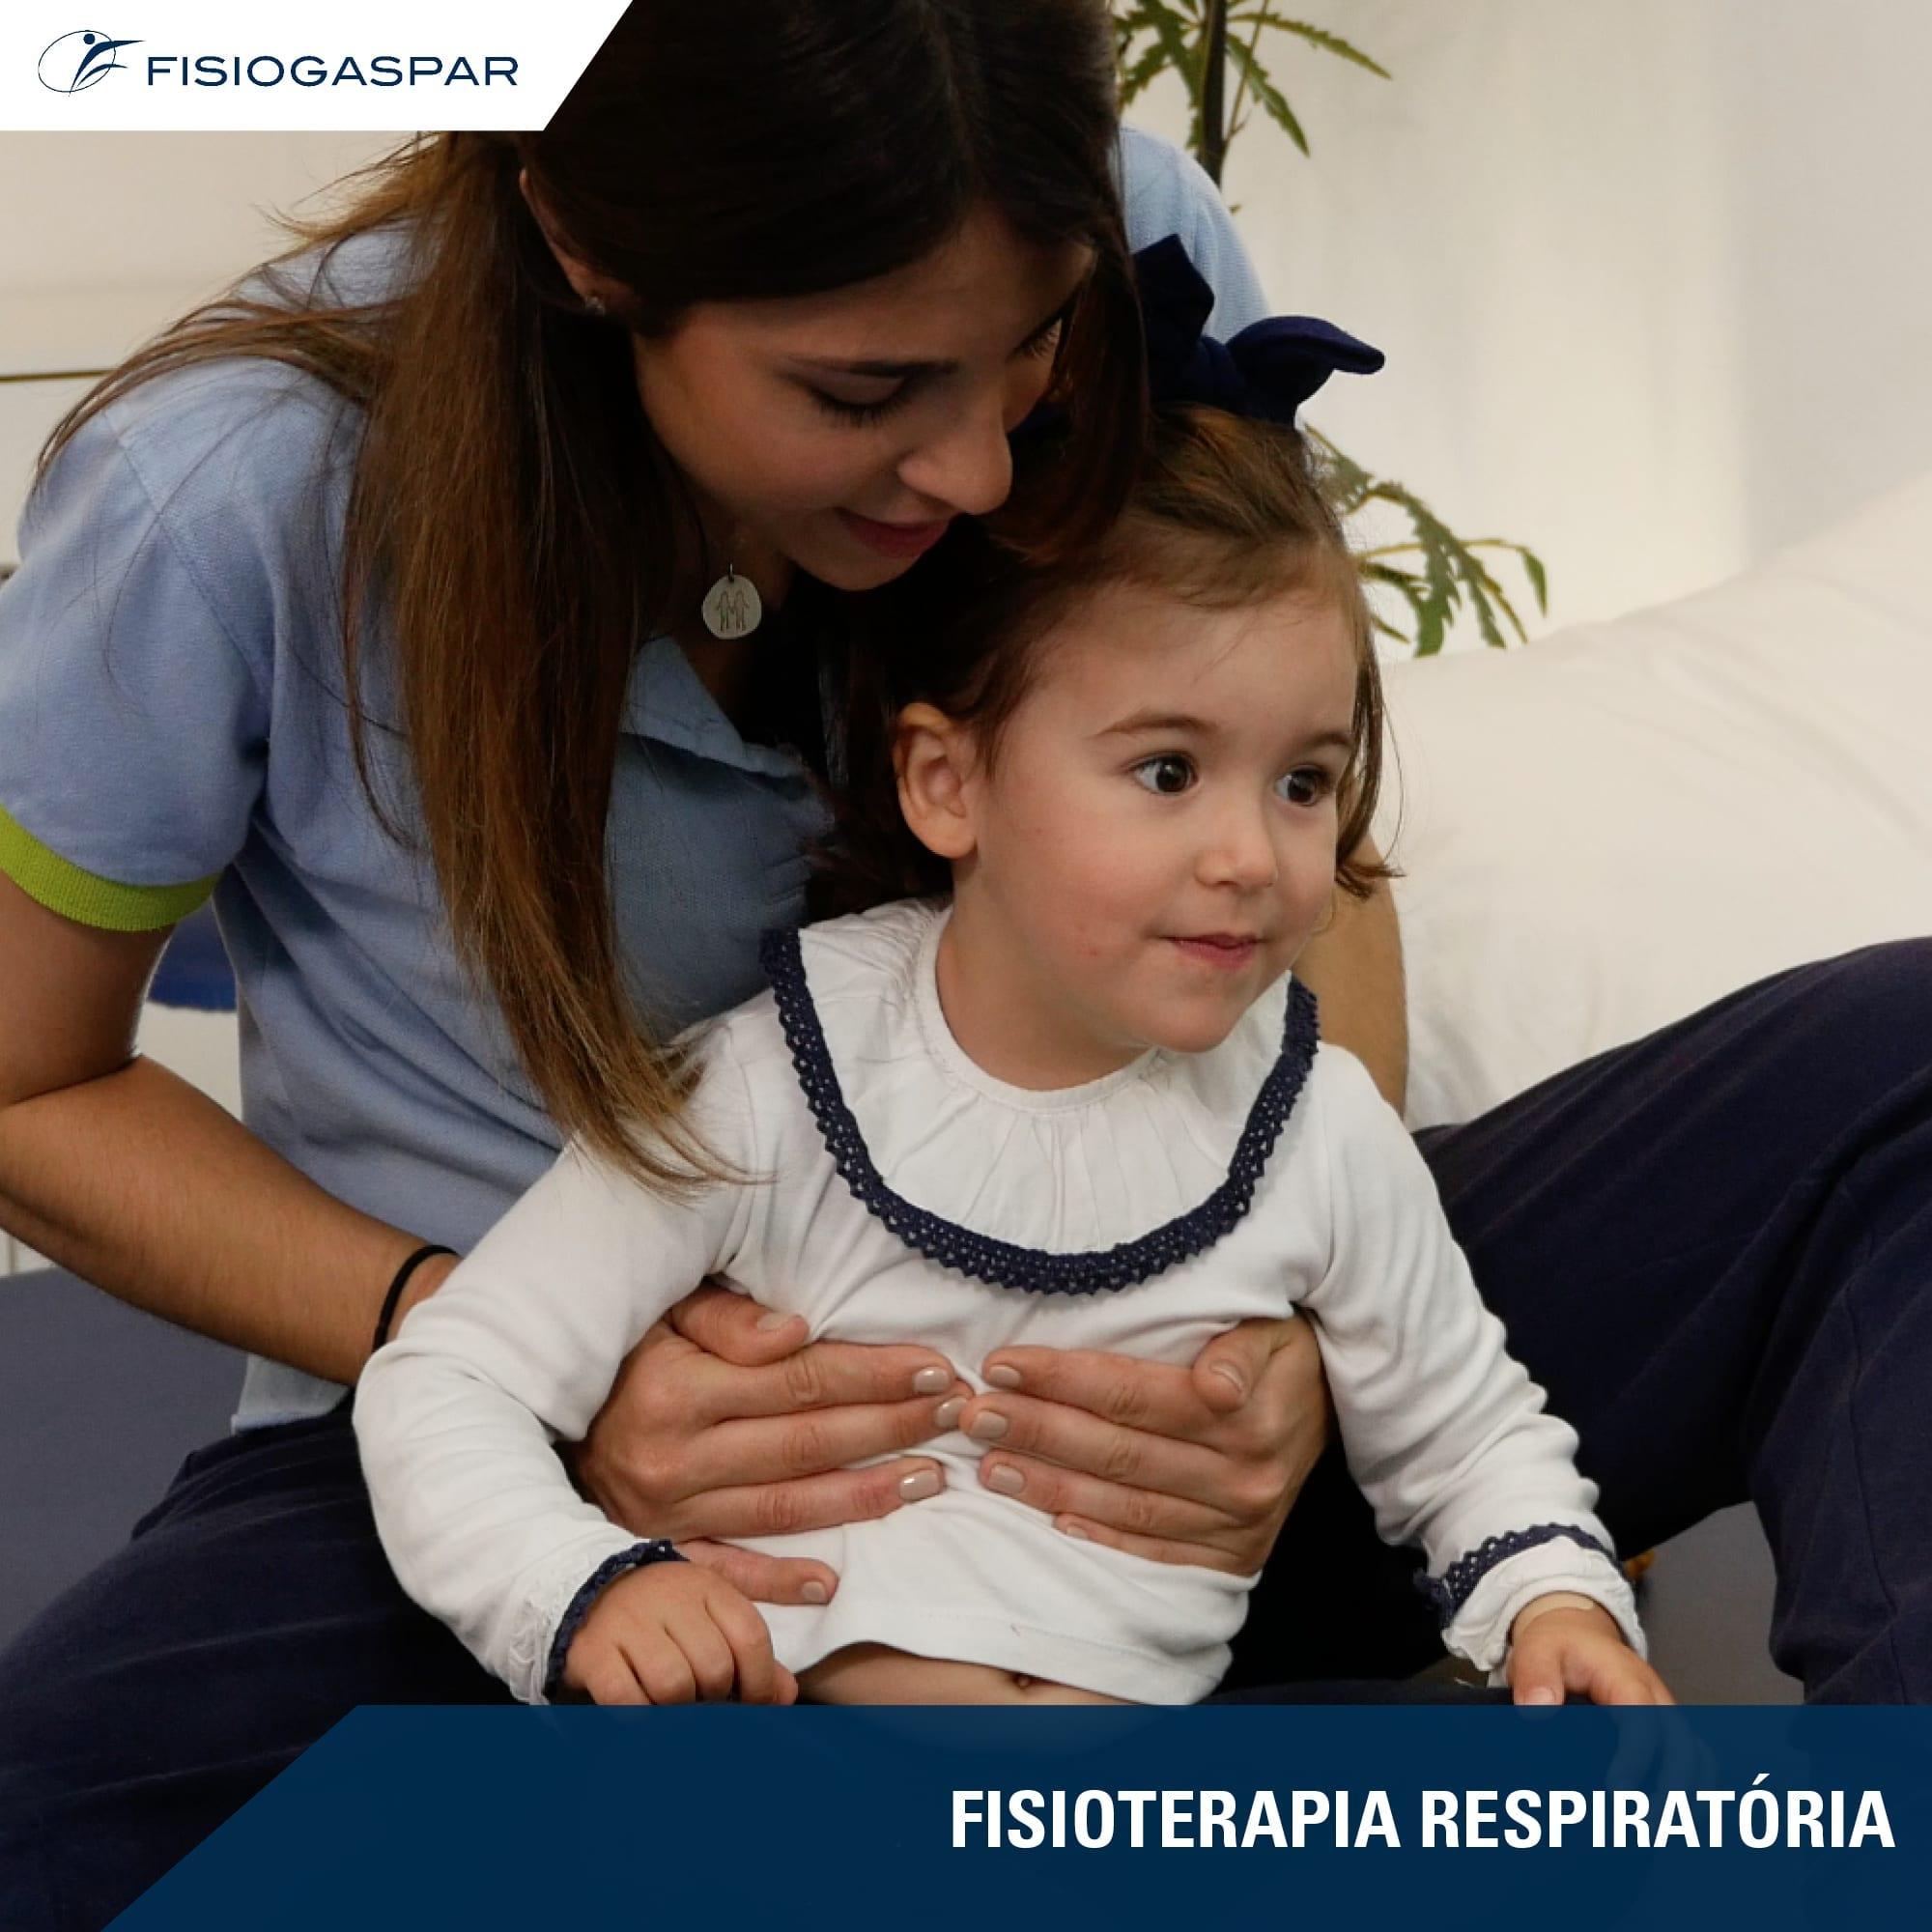 fisioterapia respiratótia Mulher Criança